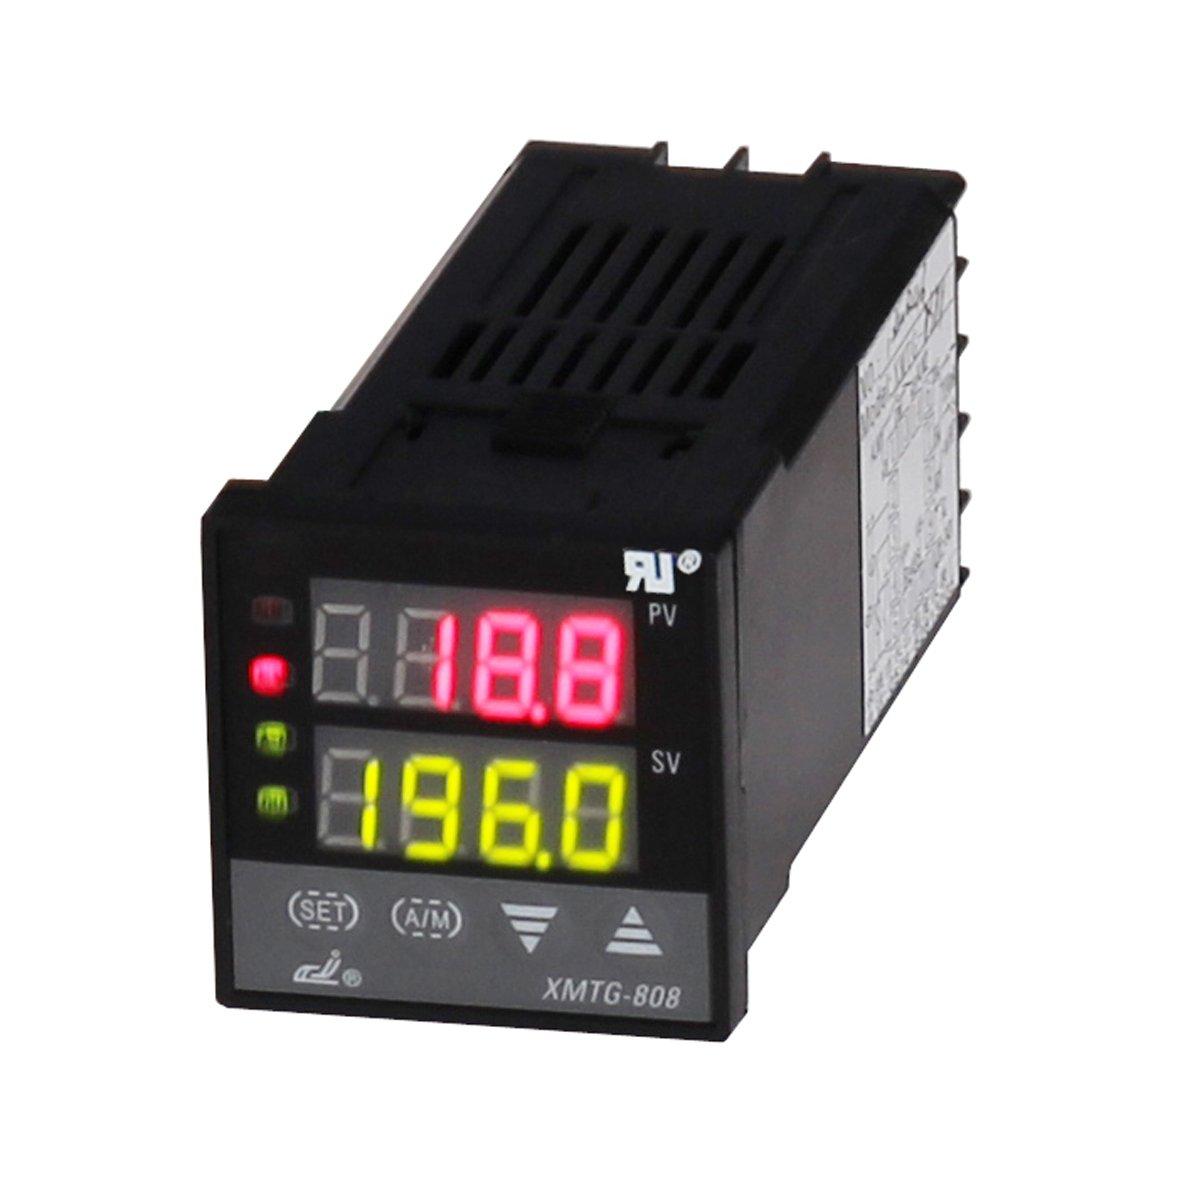 xmtg-808 Inteligencia PID Control de temperatura con Multi Purpose entrada: Amazon.es: Bricolaje y herramientas